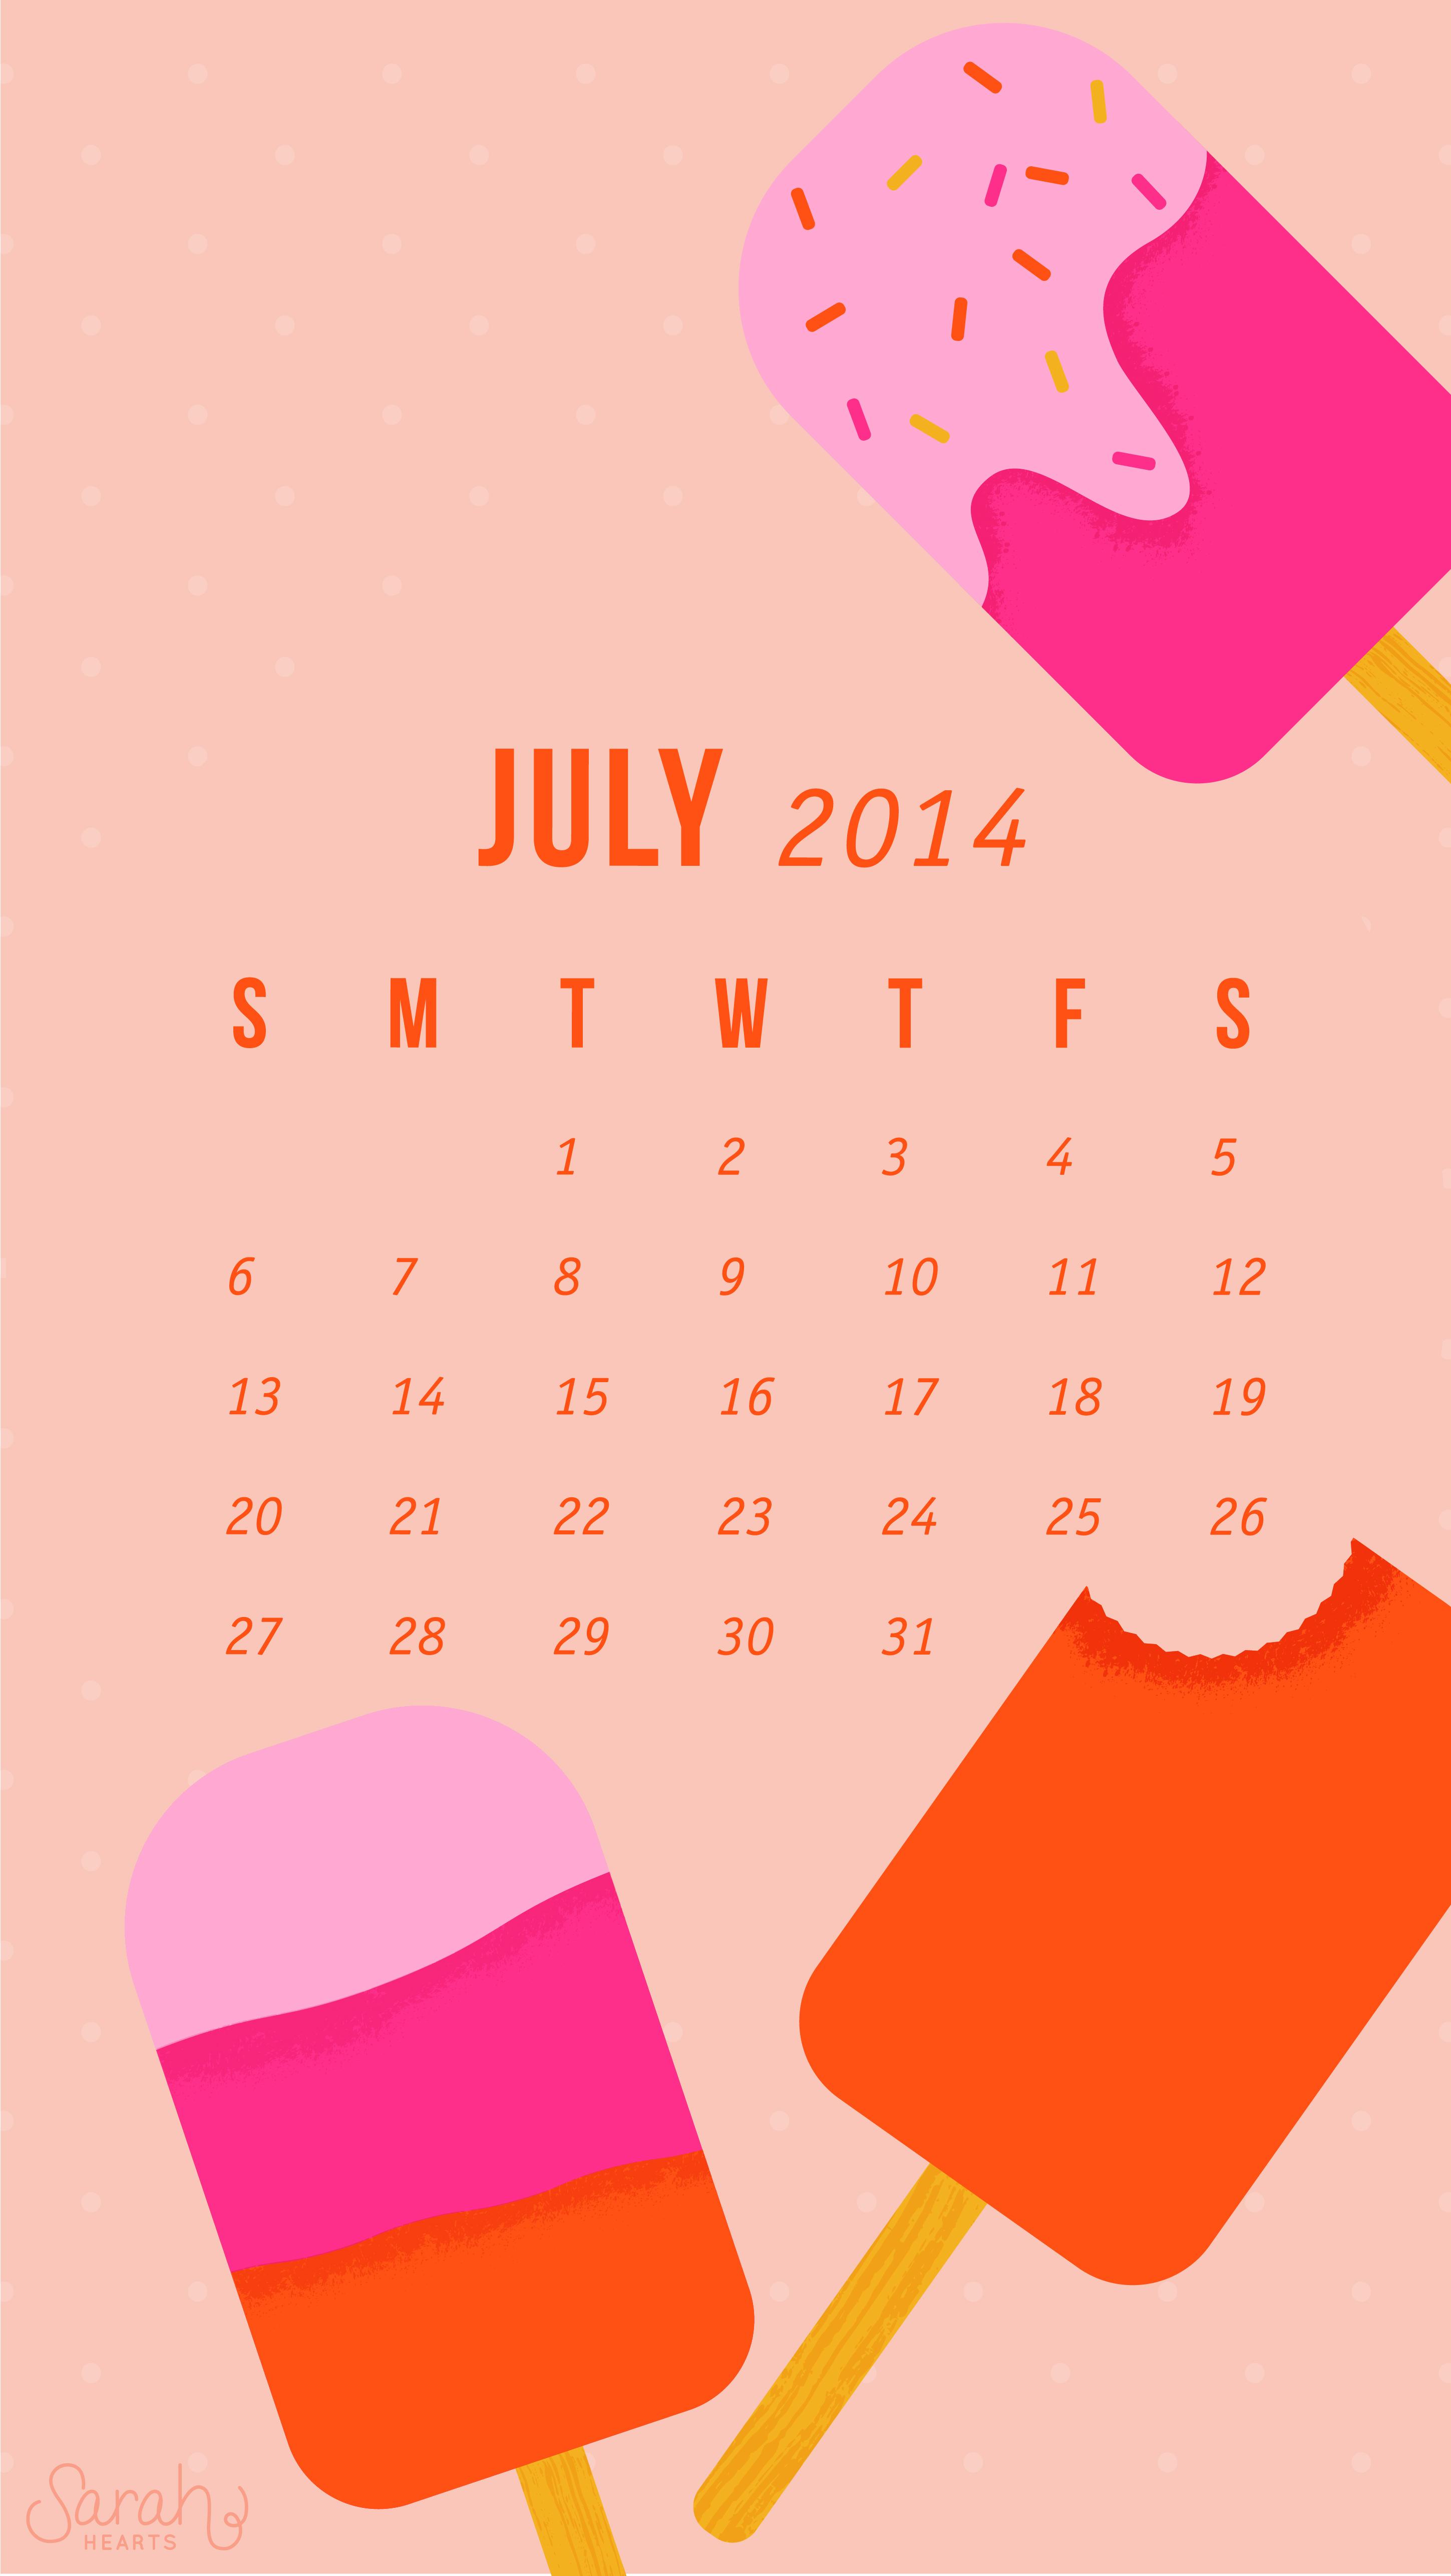 July 2014 Calendar Wallpaper